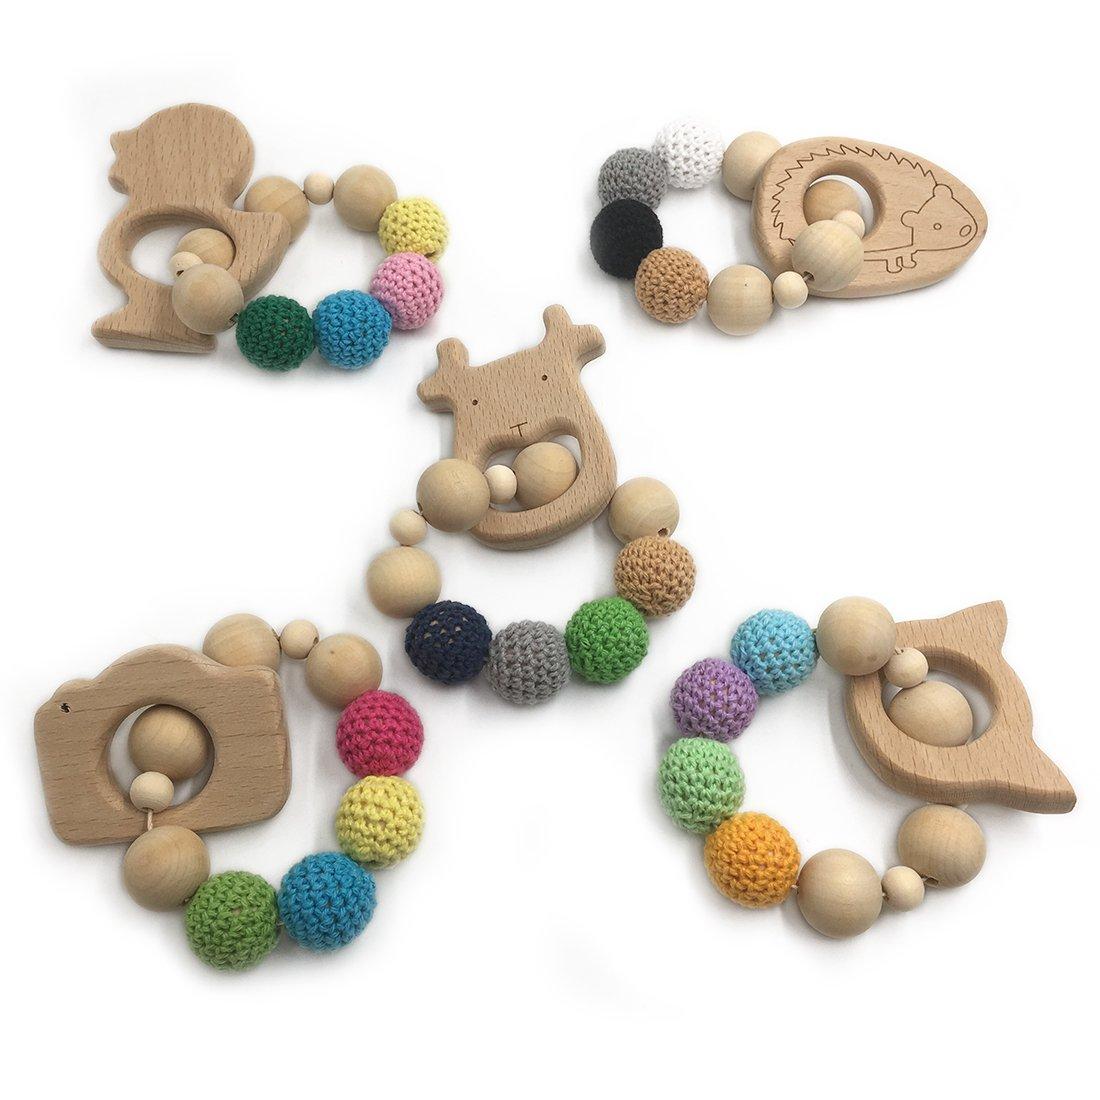 Coskiss 5pcs Häkel-Perlen-Zahnen-Ring-Satz unbehandelter Ahorn-Teether mit organischem Holz-Spielzeug-hölzernes Armband-